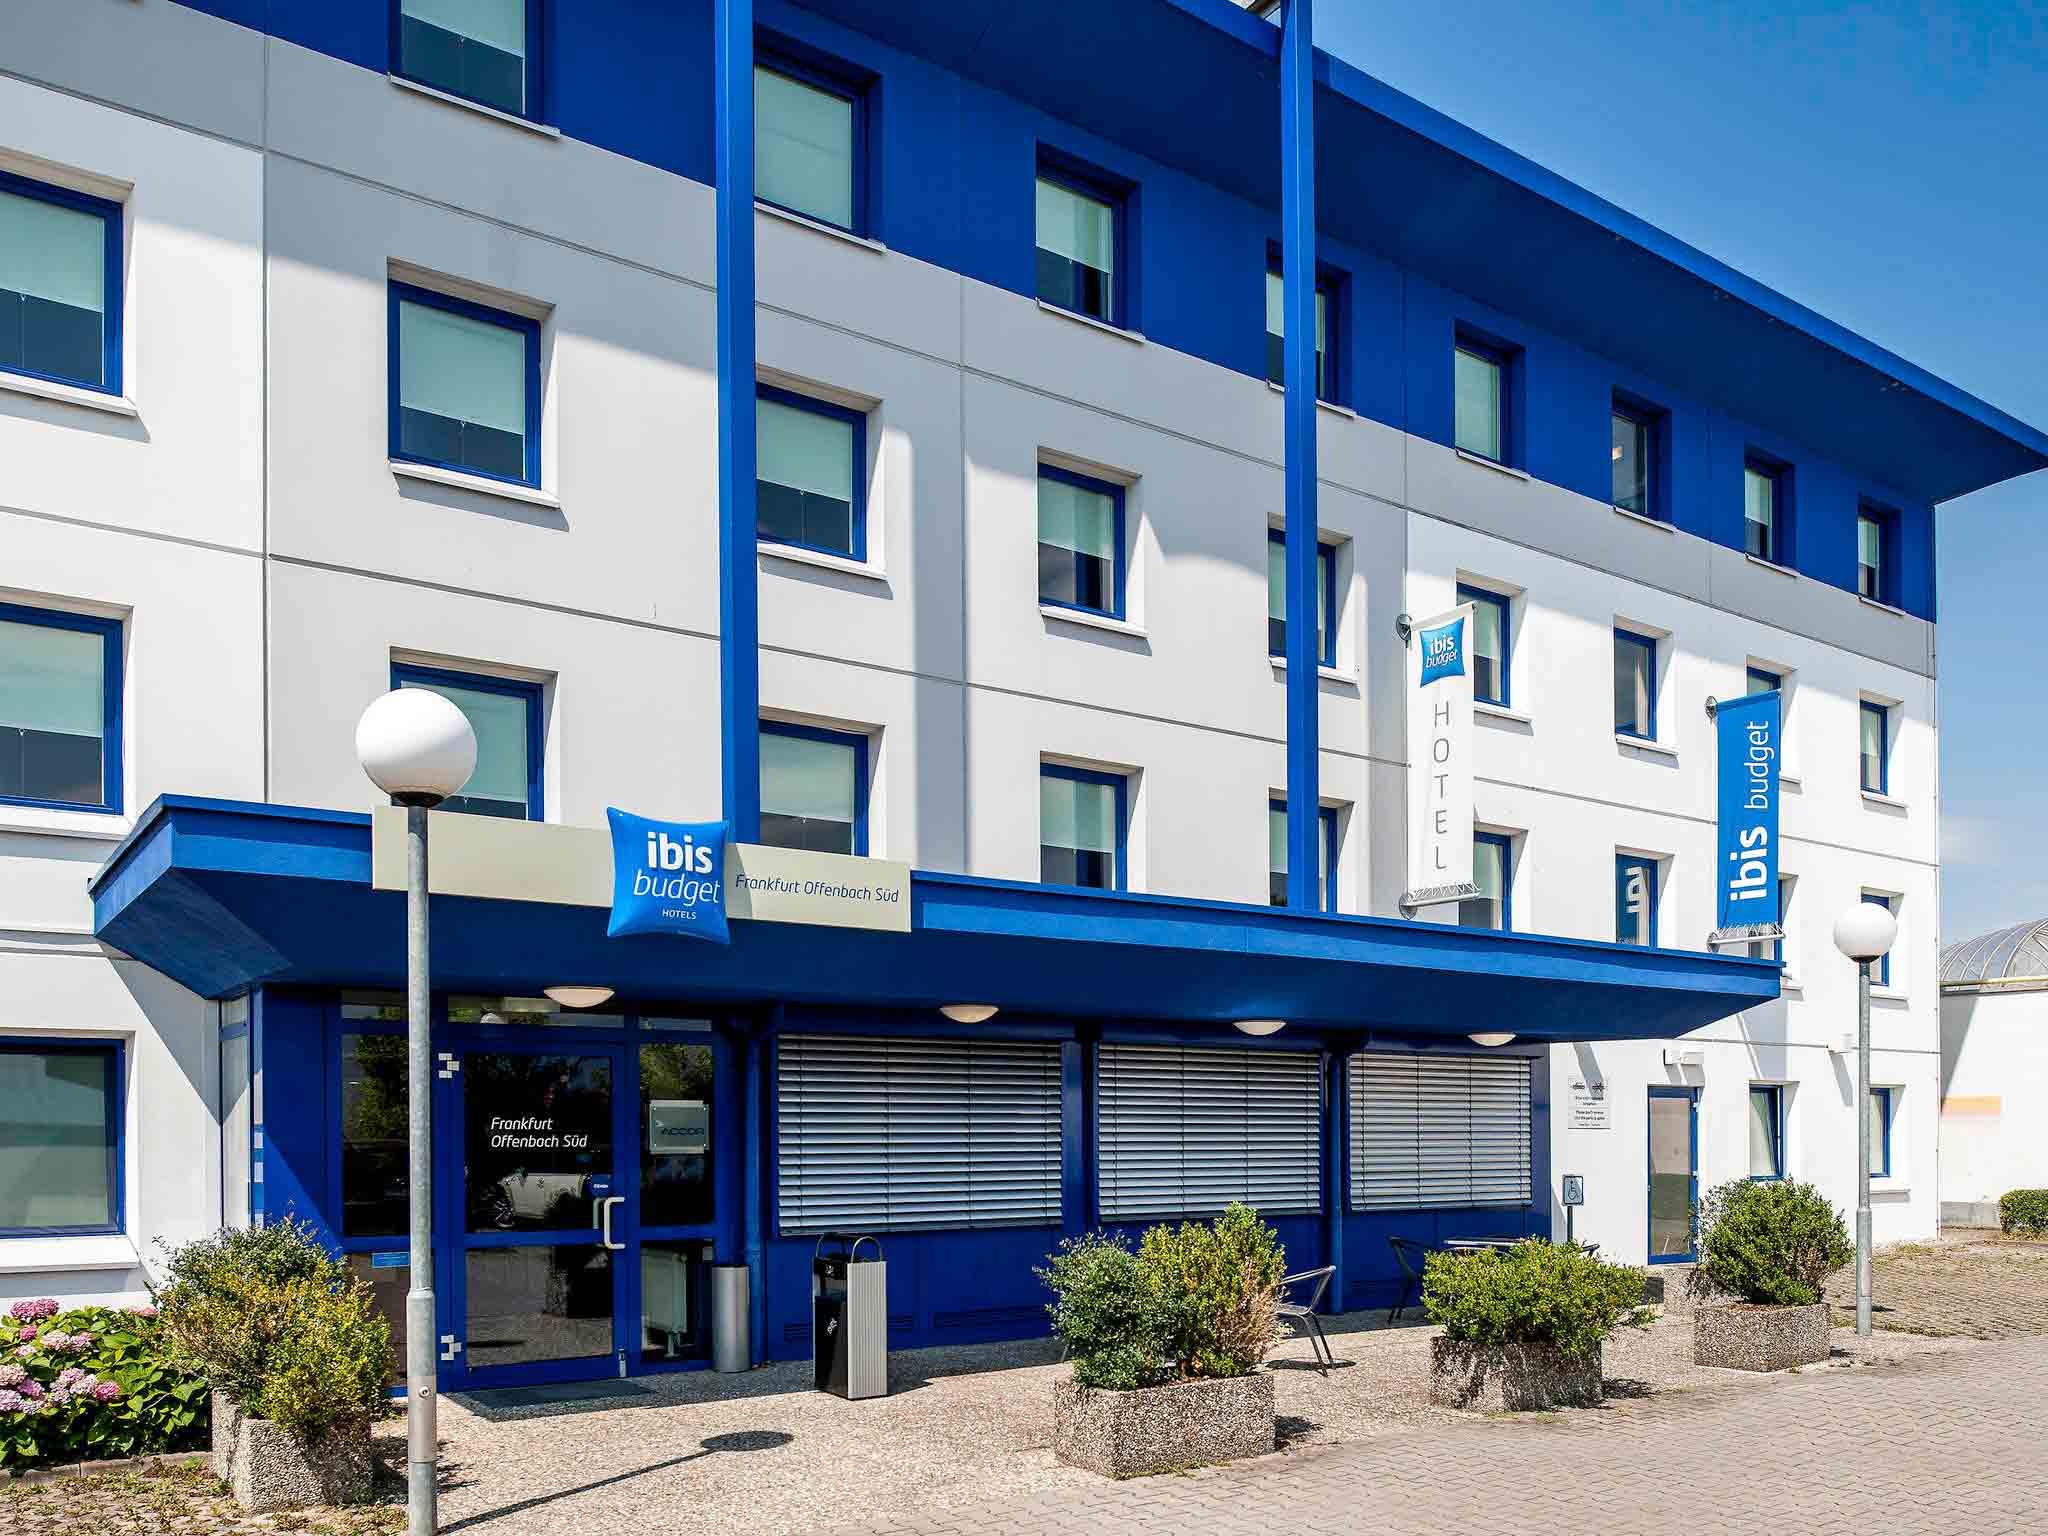 호텔 – ibis budget Frankfurt Offenbach Sued